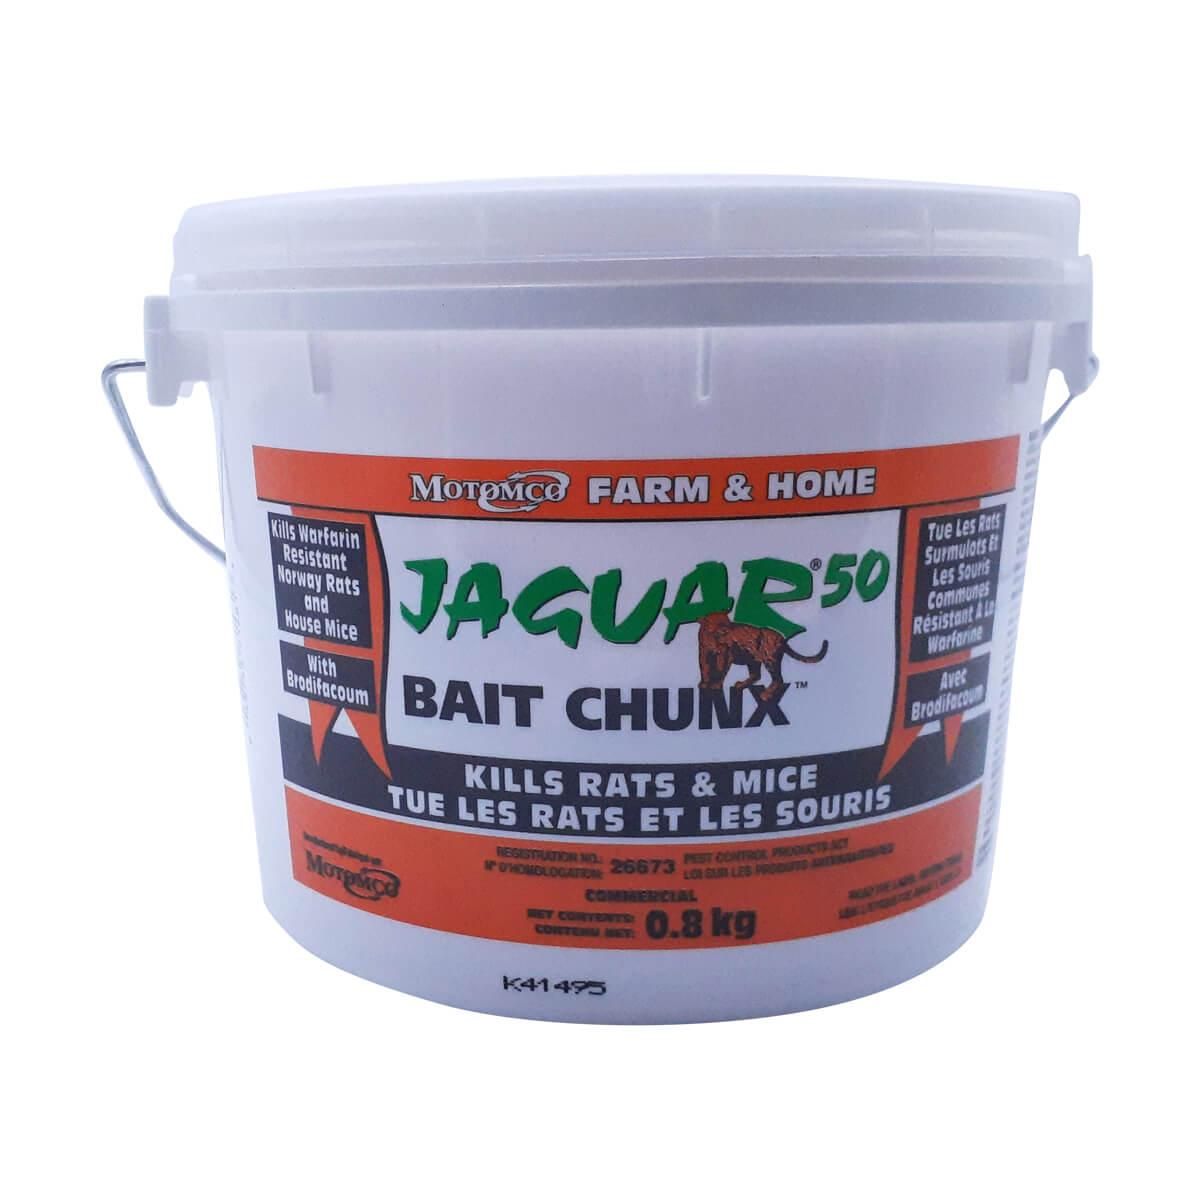 Jaguar Bait Chunx - 1.8 kg Pail